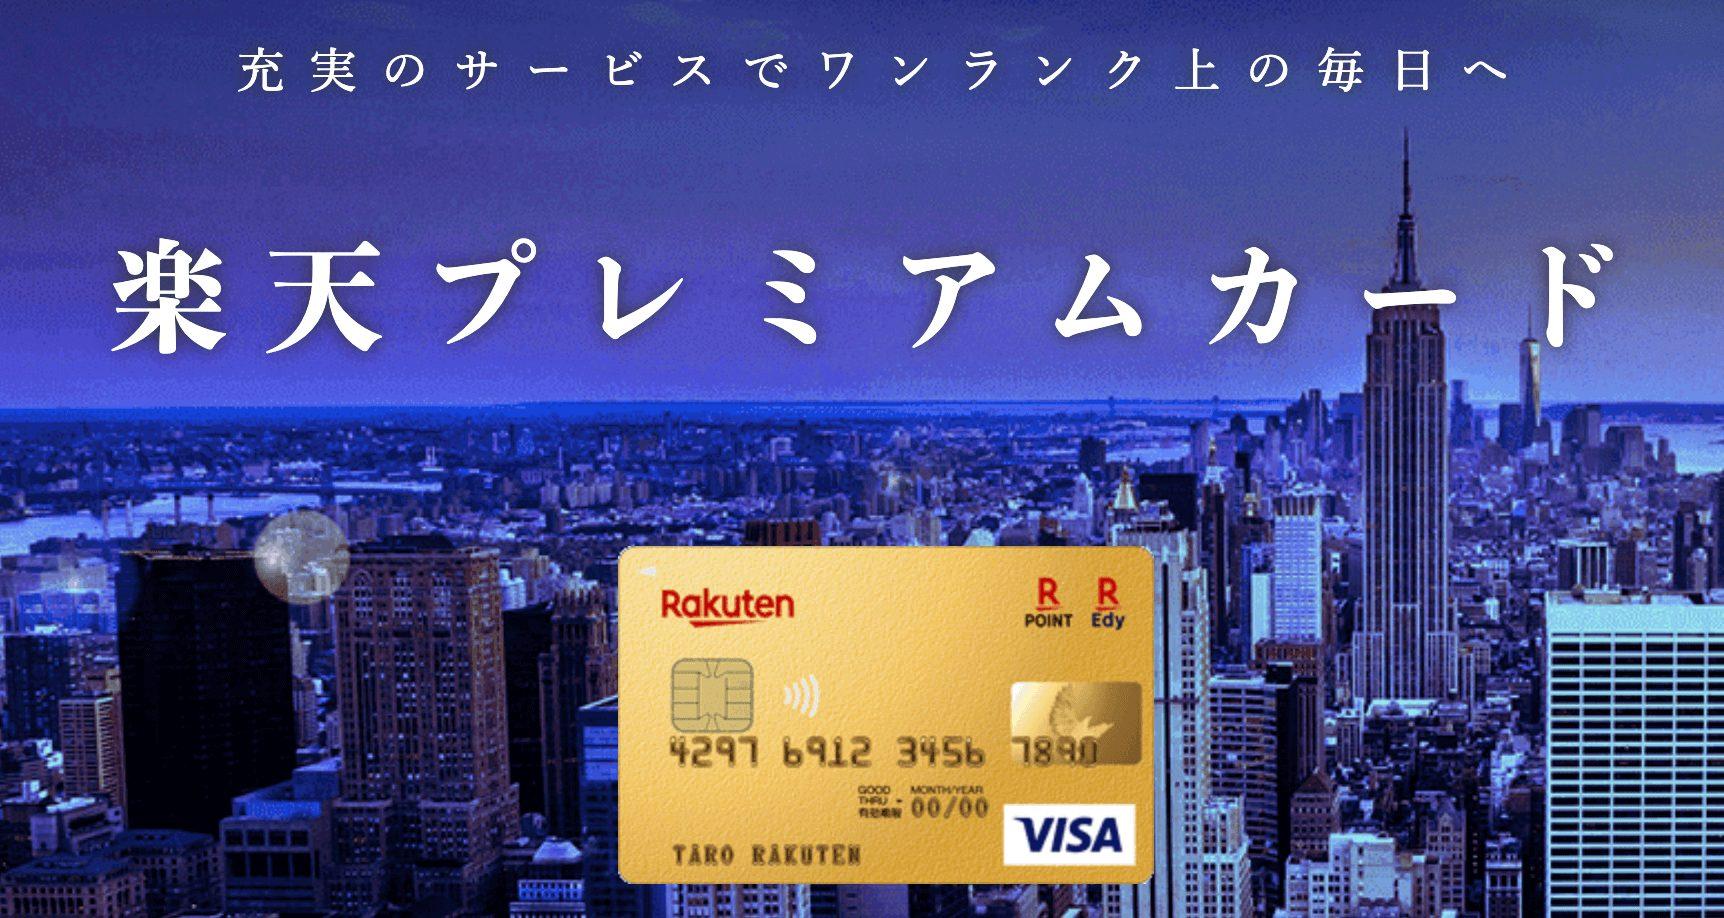 楽天プレミアムカードの年会費はゴールドより上だけどそのメリットとは|金融Lab.